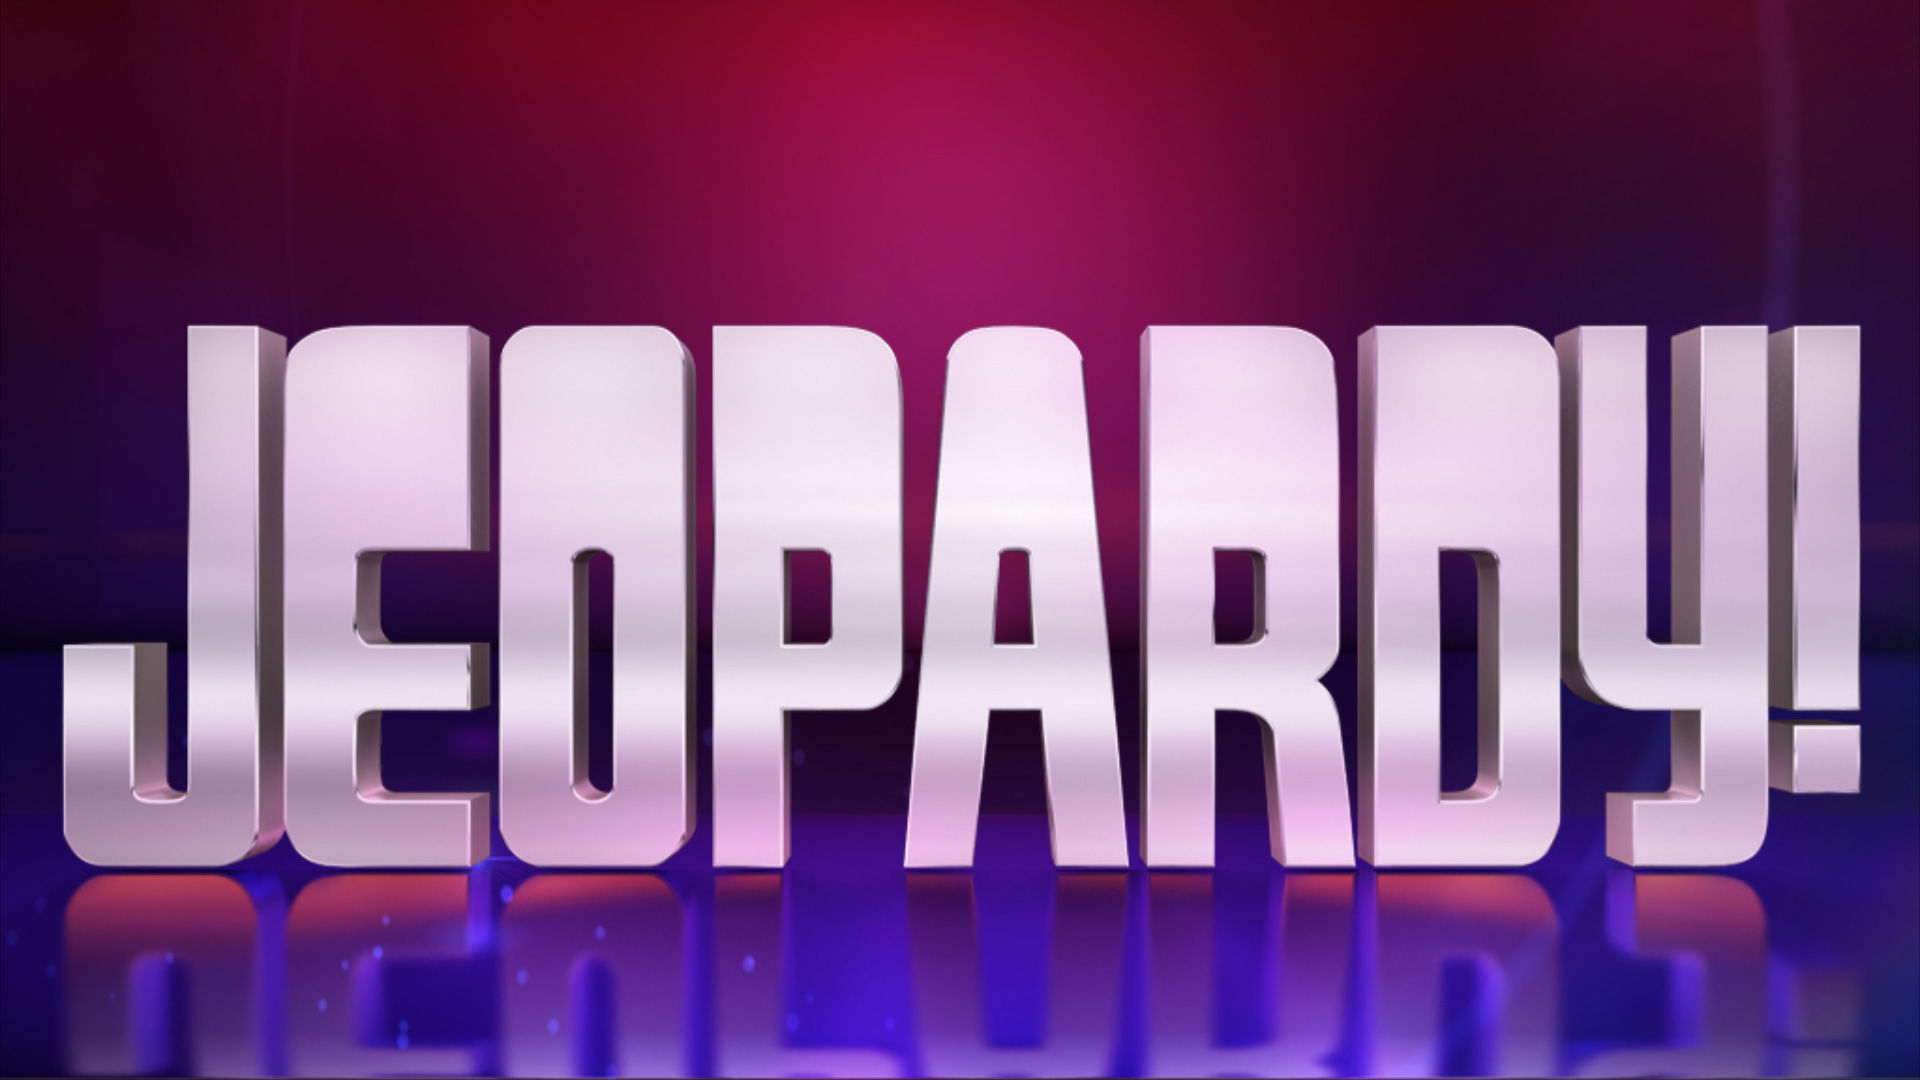 Jeopardy_iOS_Thumbnail_001.jpg